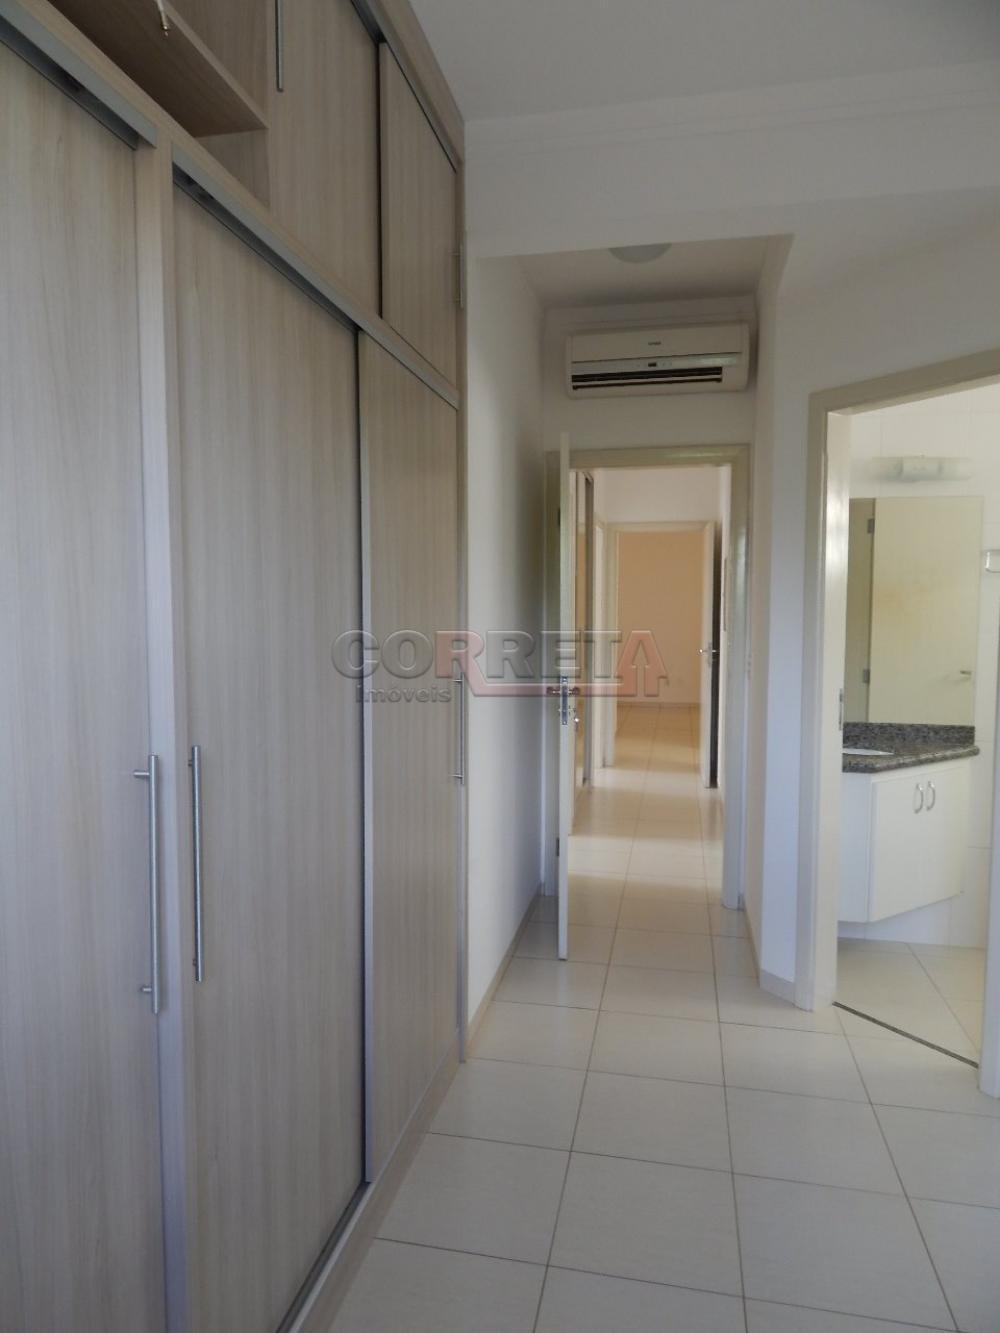 Comprar Apartamento / Kitchnet em Araçatuba apenas R$ 330.000,00 - Foto 15